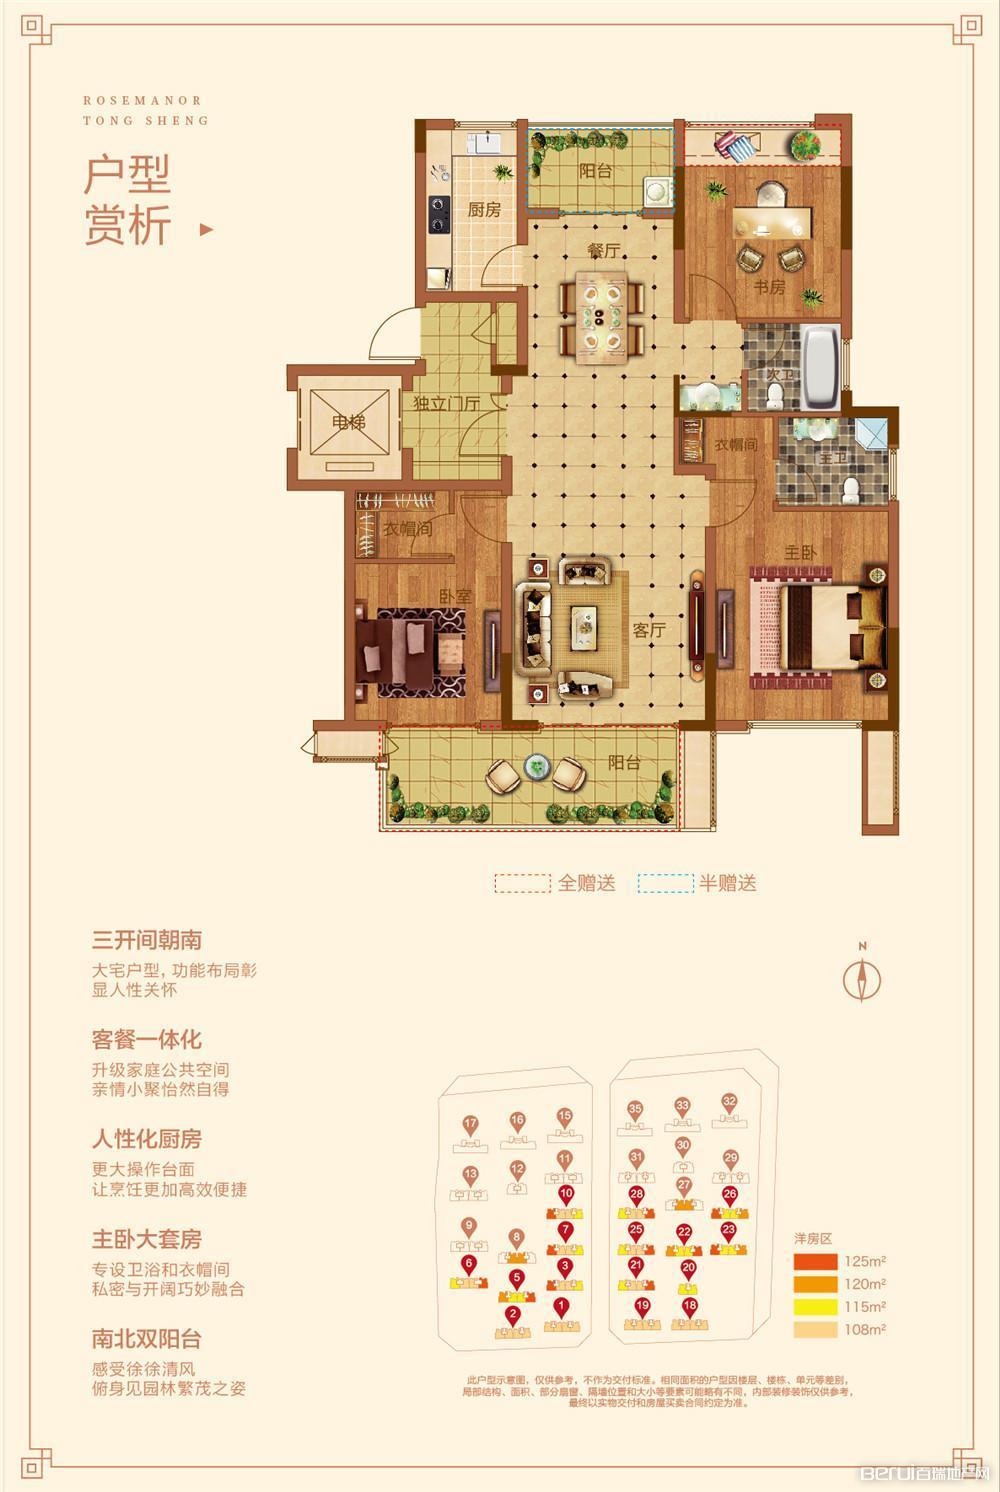 同昇·玫瑰庄园户型图